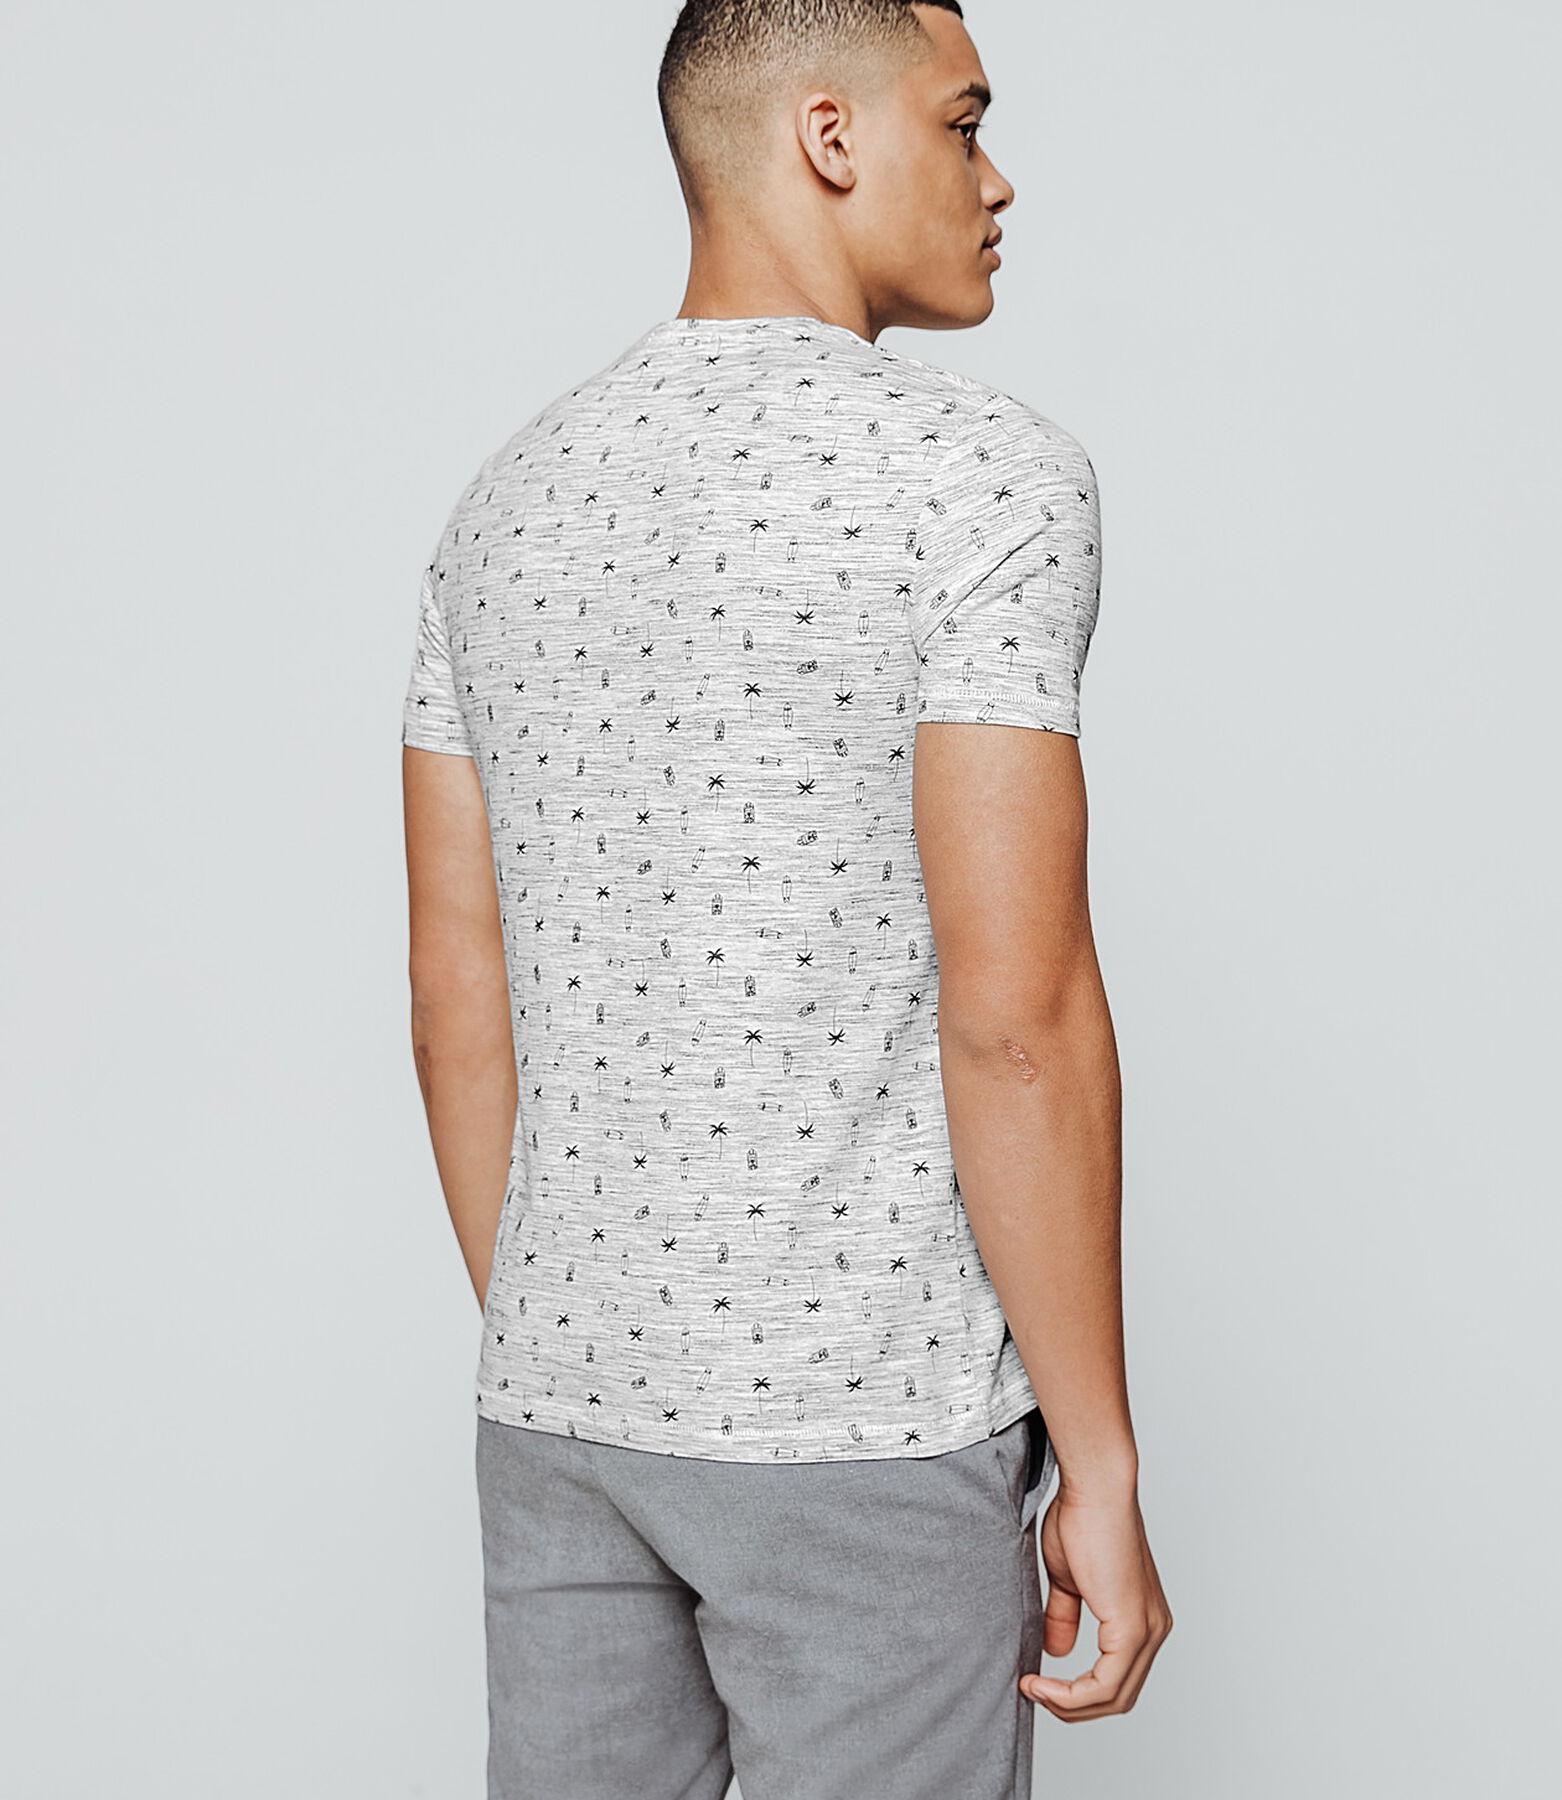 T-shirt matière fantaisie imprimé